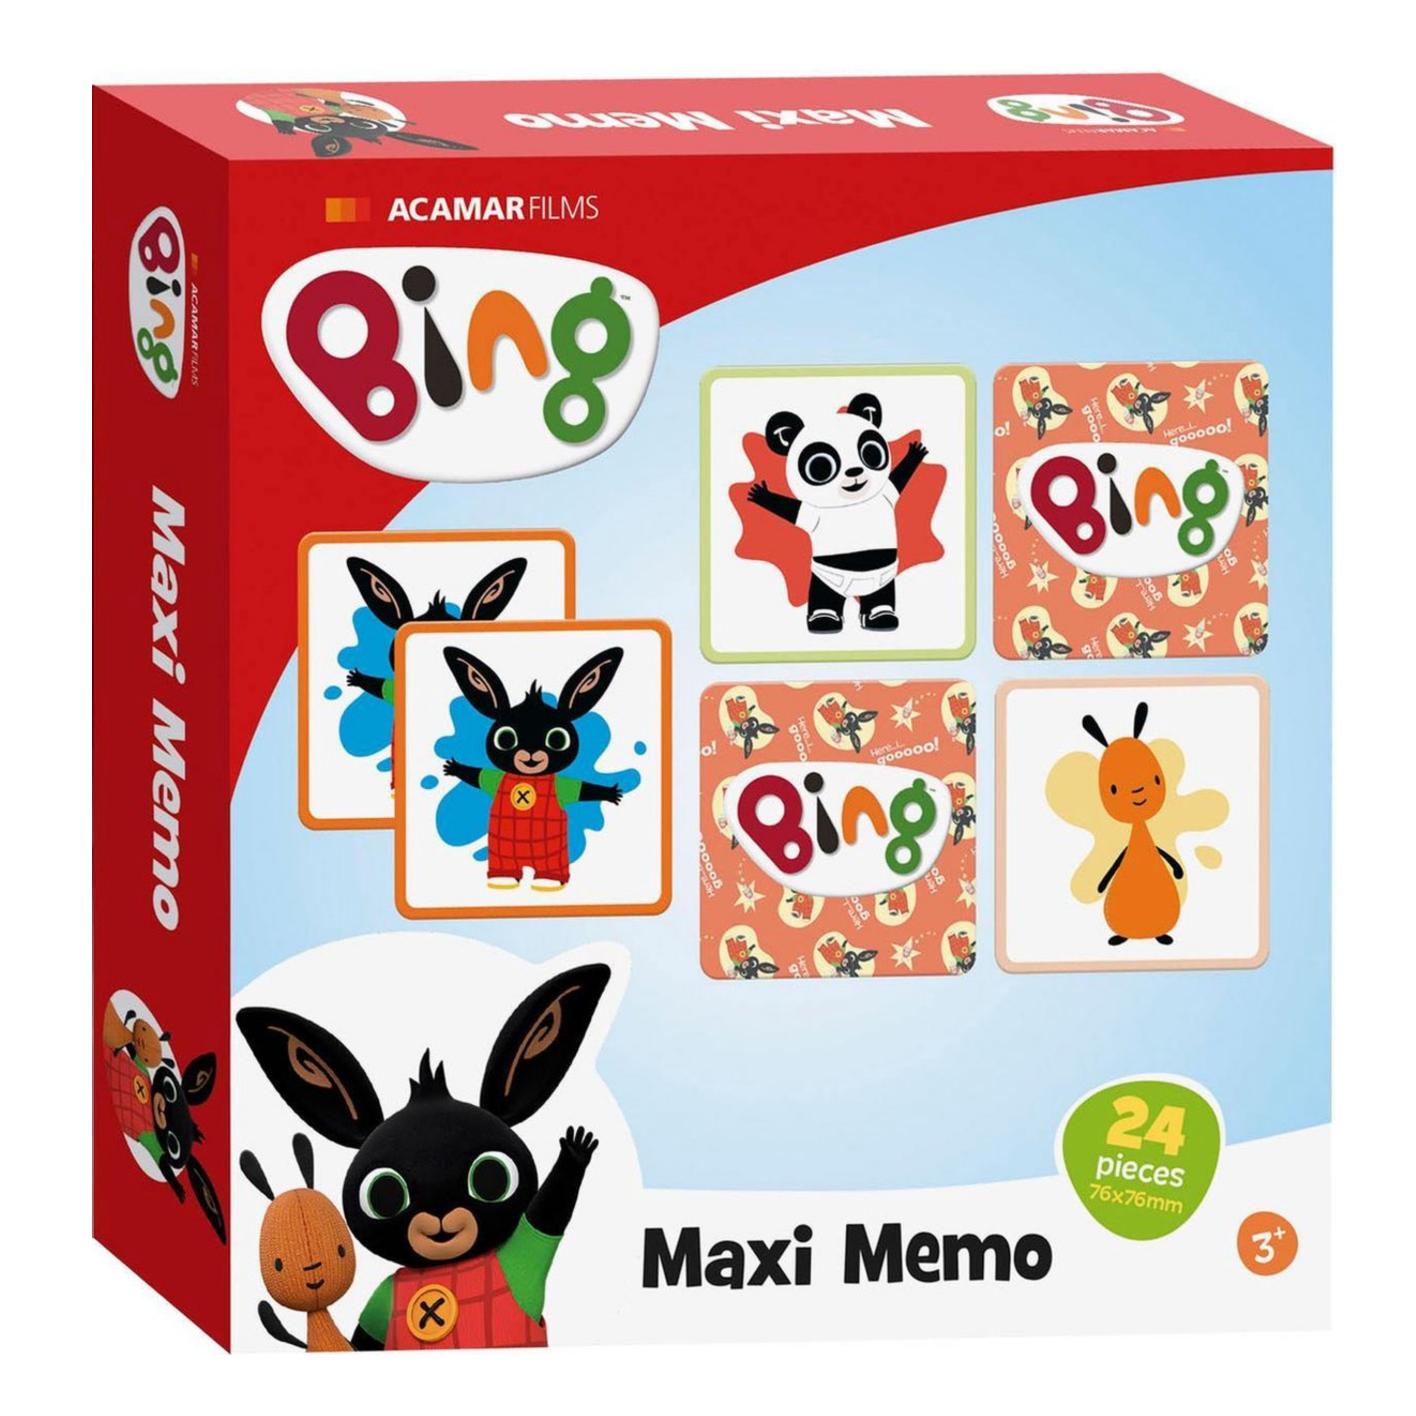 Spel - Memory - Bing - Maxi memo - 24dlg